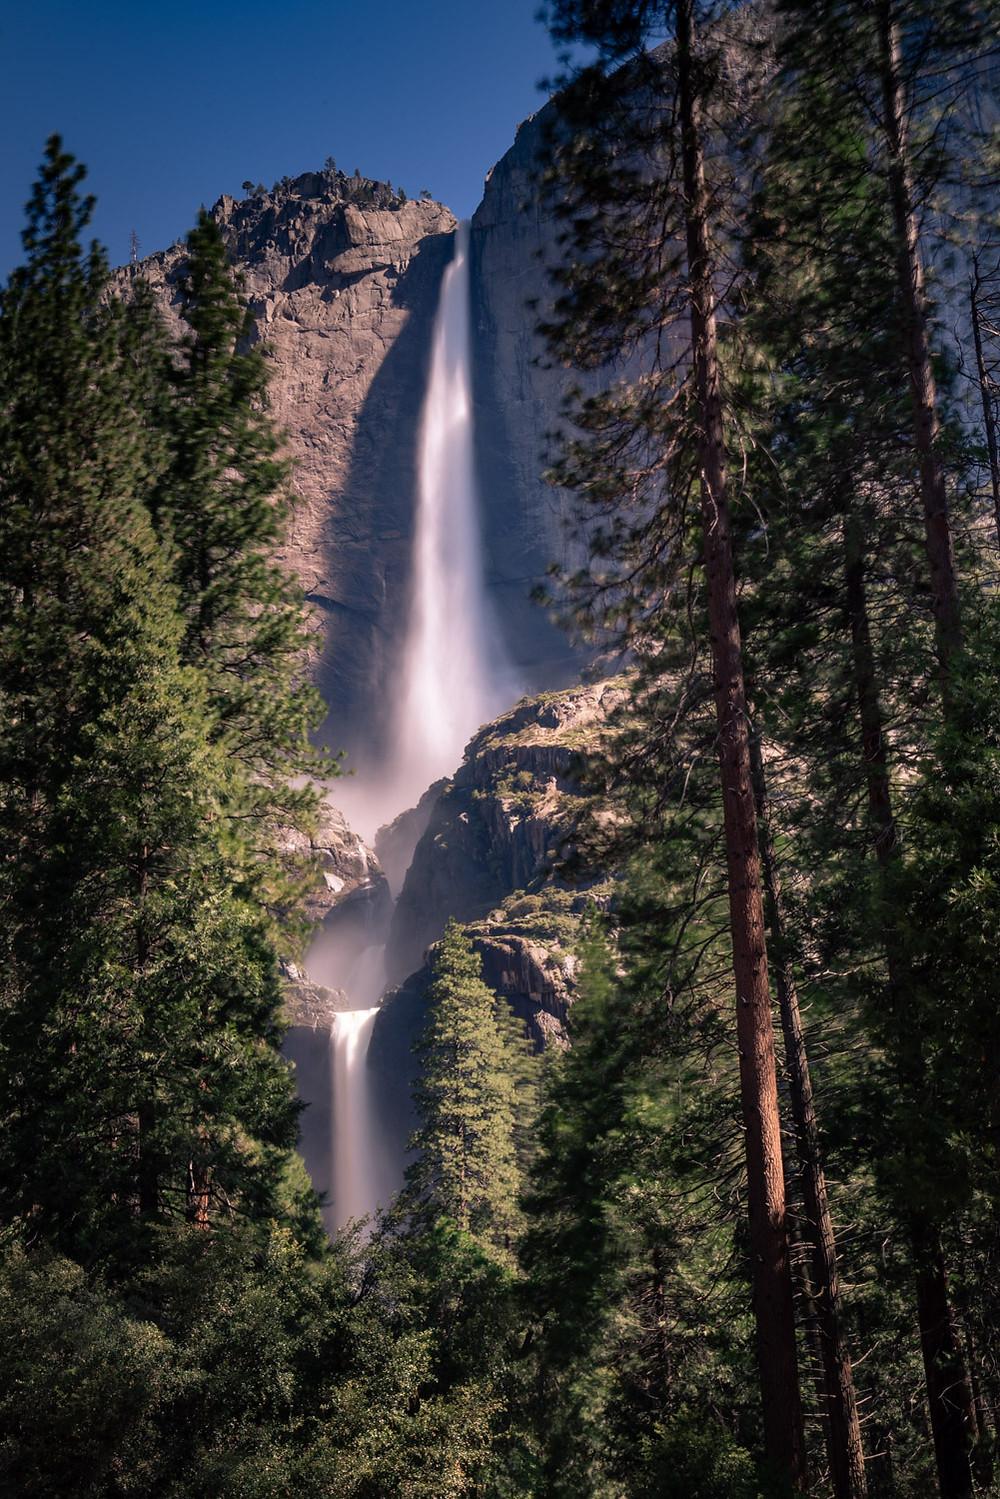 Upper and Lower Yosemite Waterfall